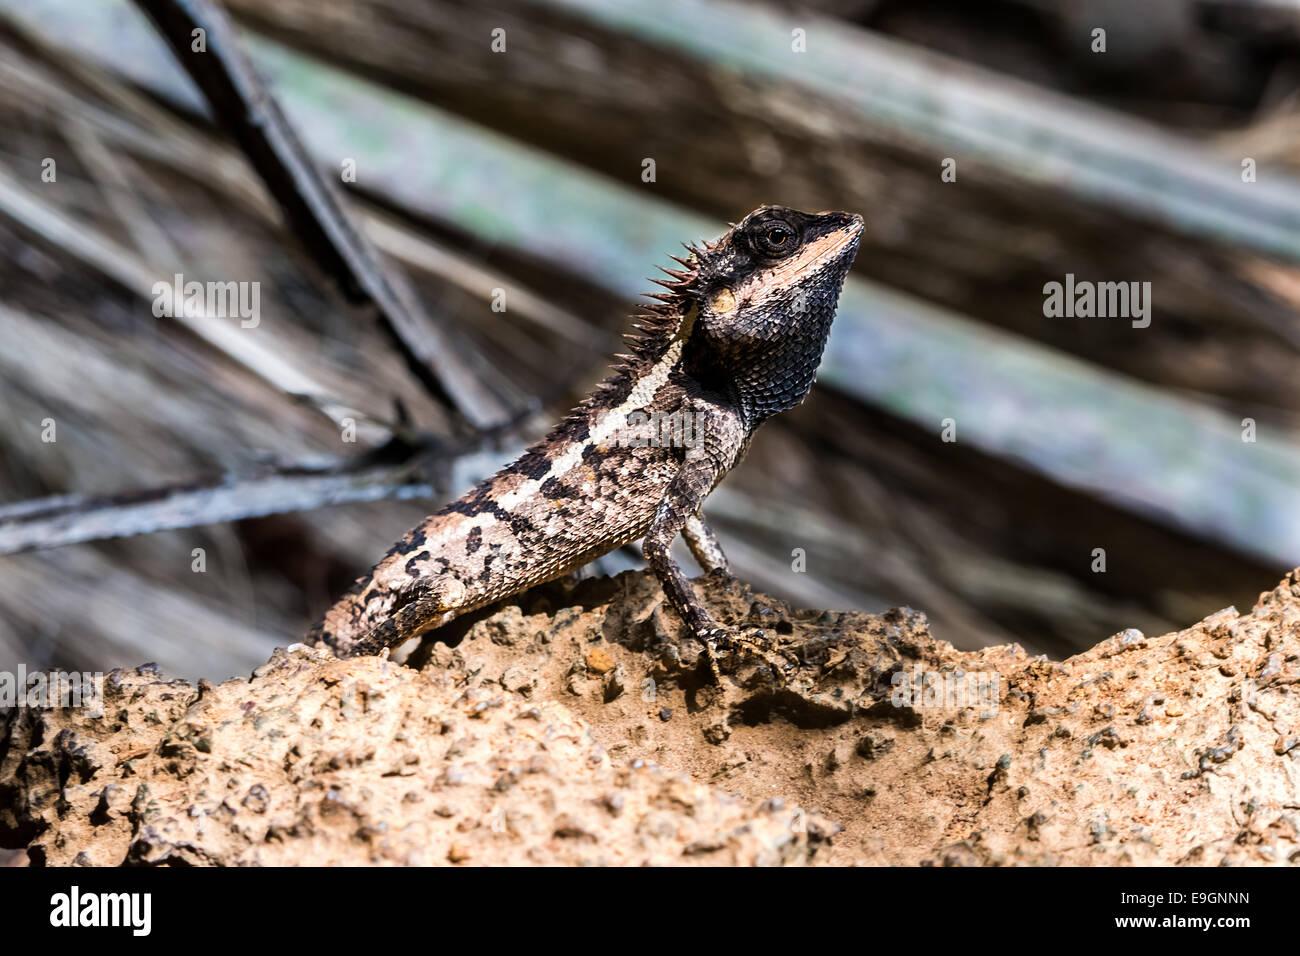 Echse, Reptil auf Felsen in Thailand sitzen. Stockfoto